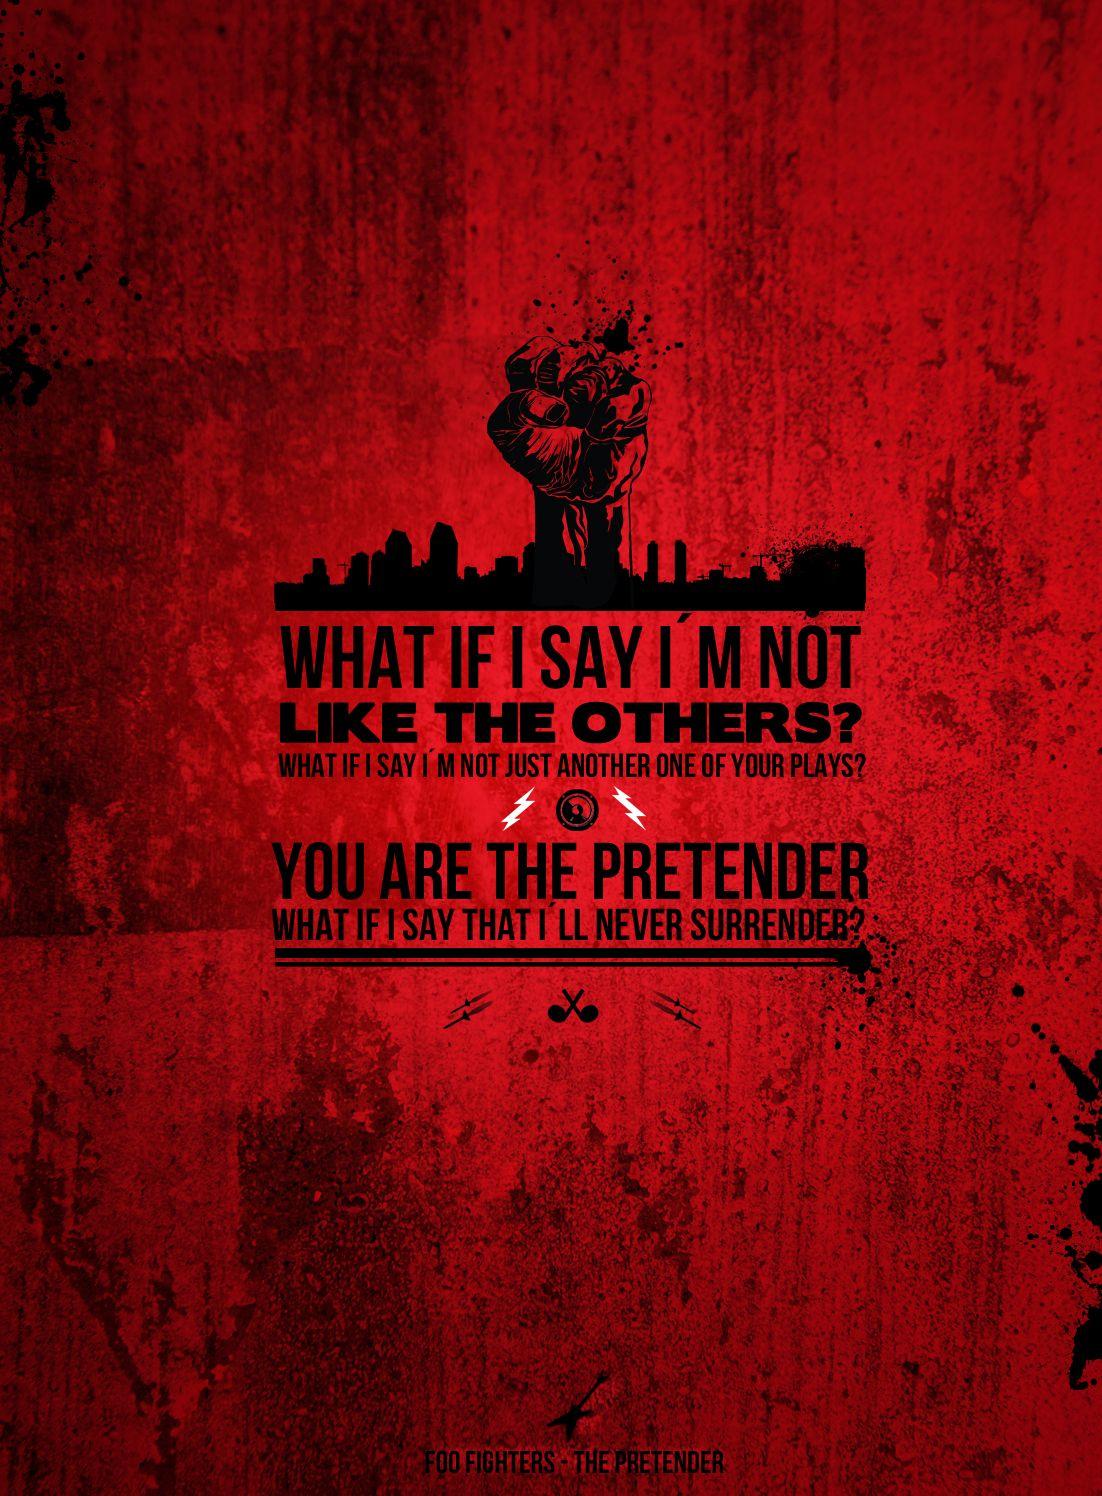 the pretender, foo fighters Foo fighters songs, Foo